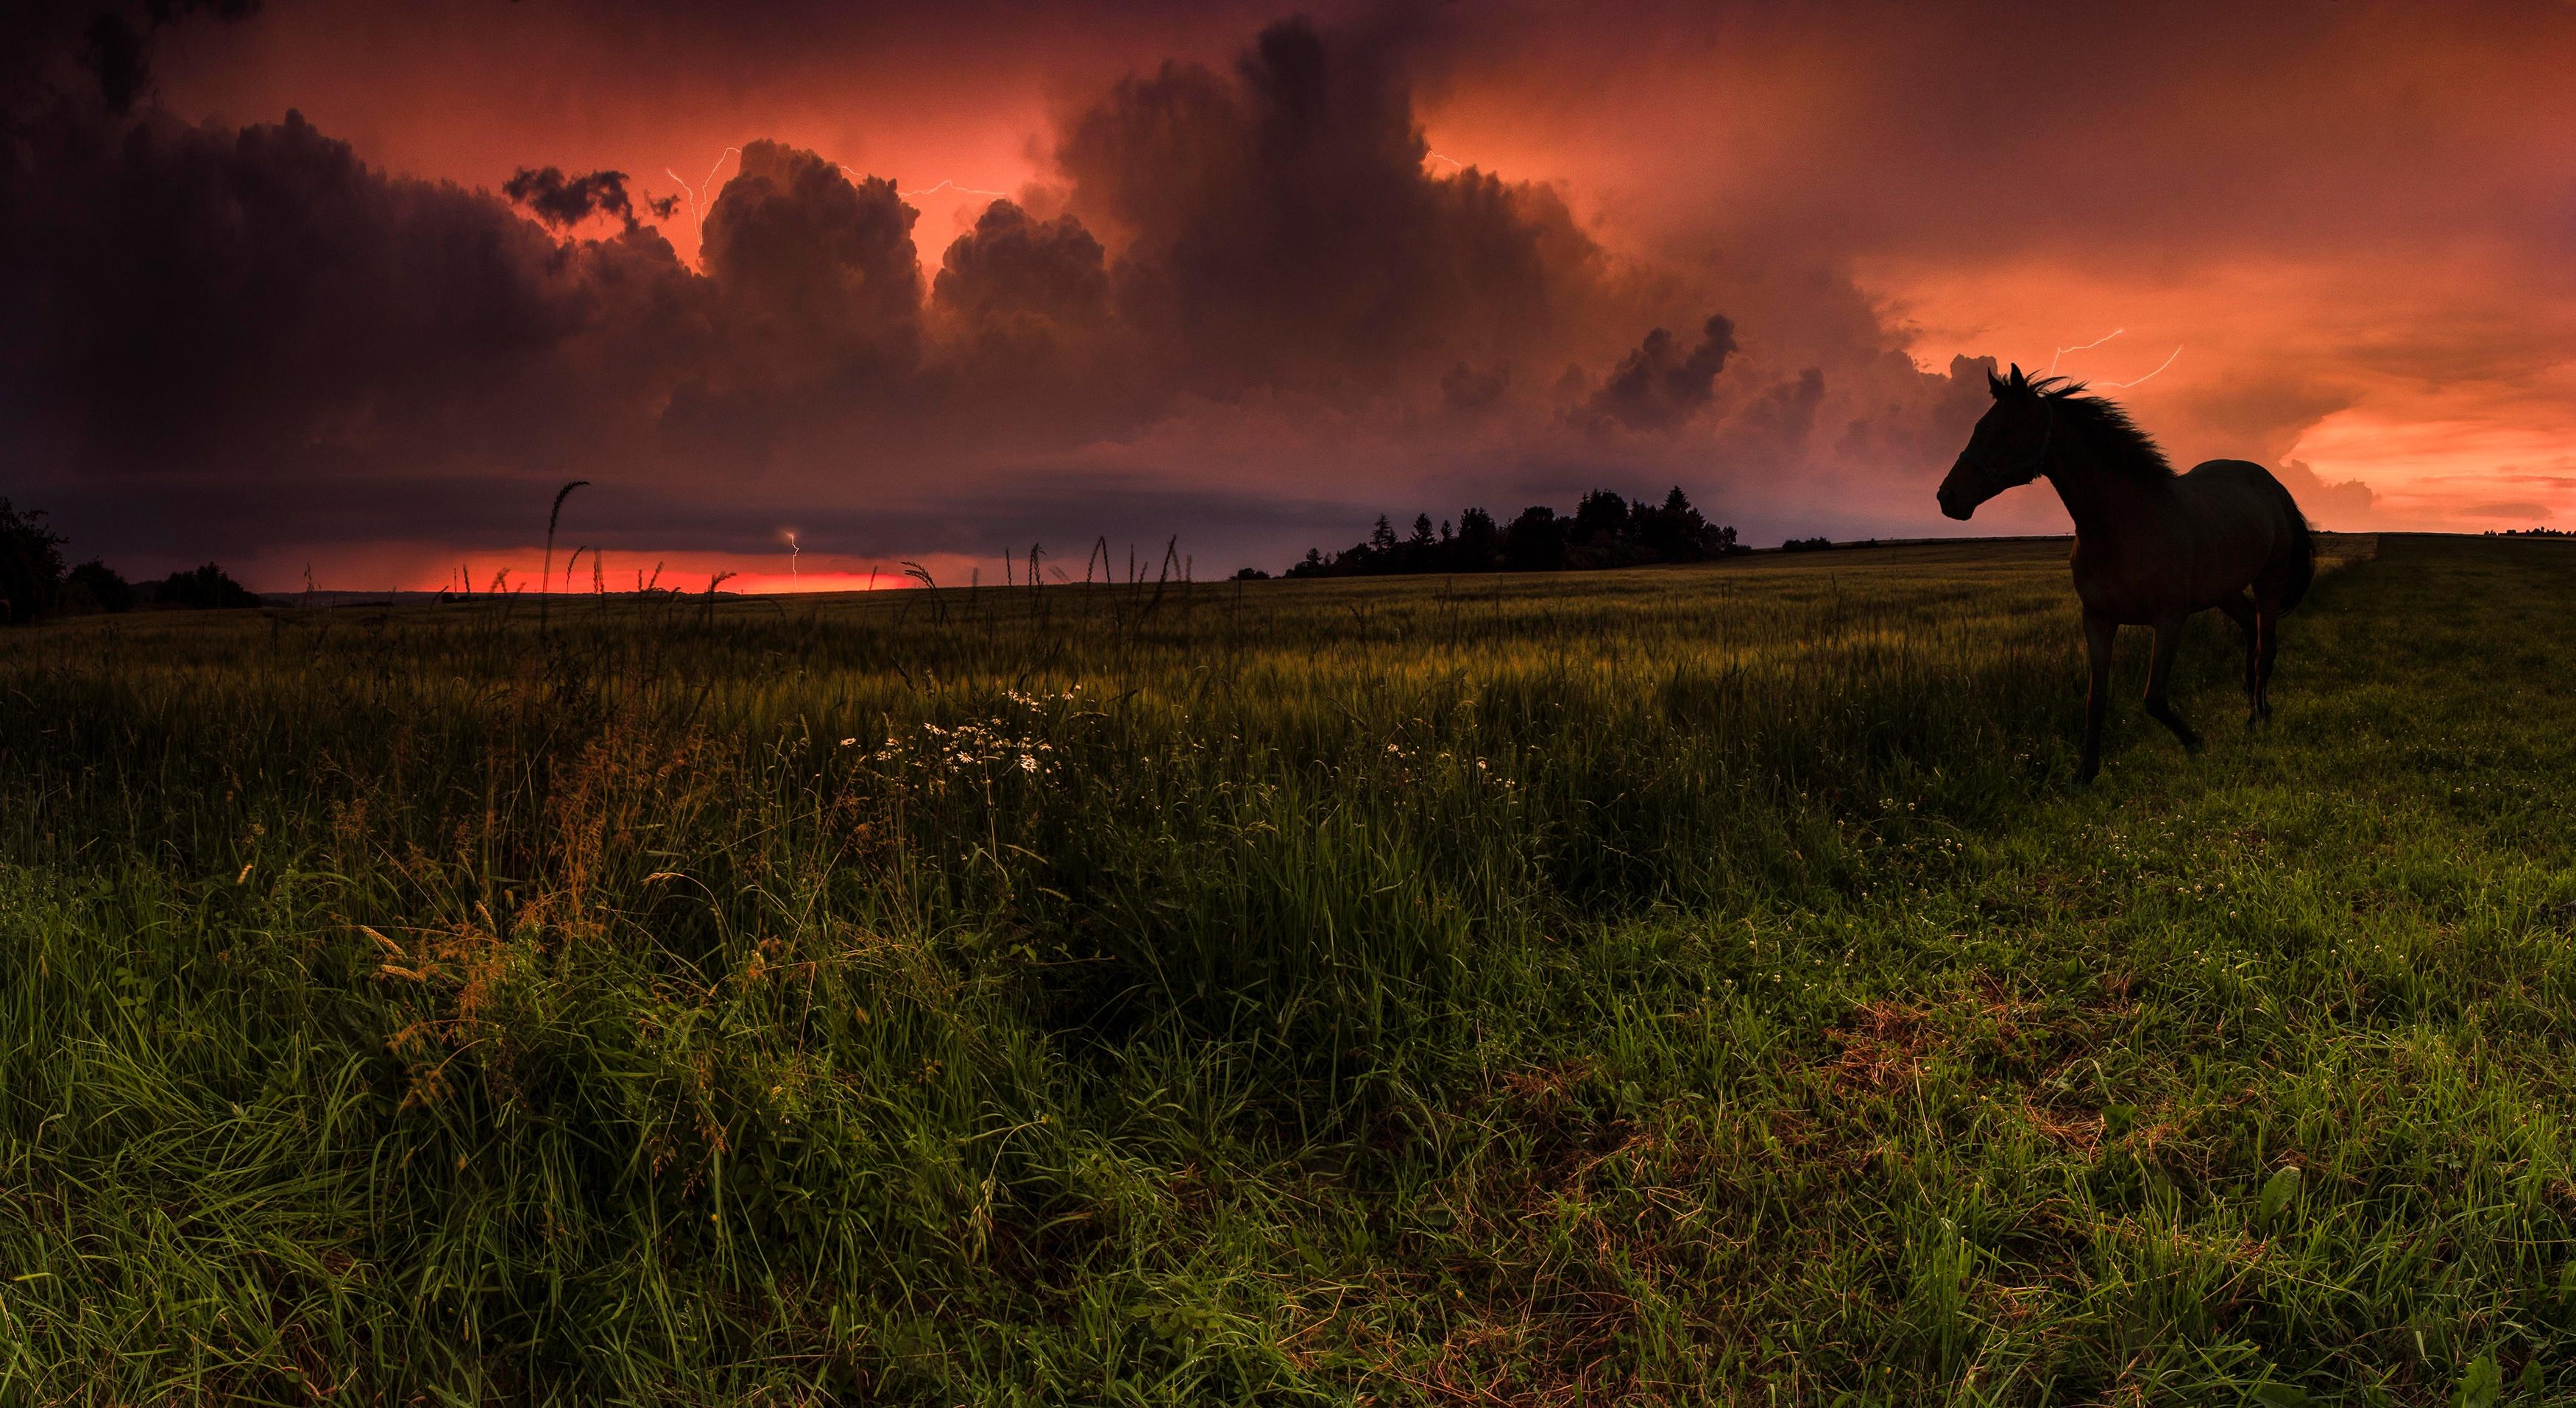 лошадь, трава, закат  № 2639  скачать